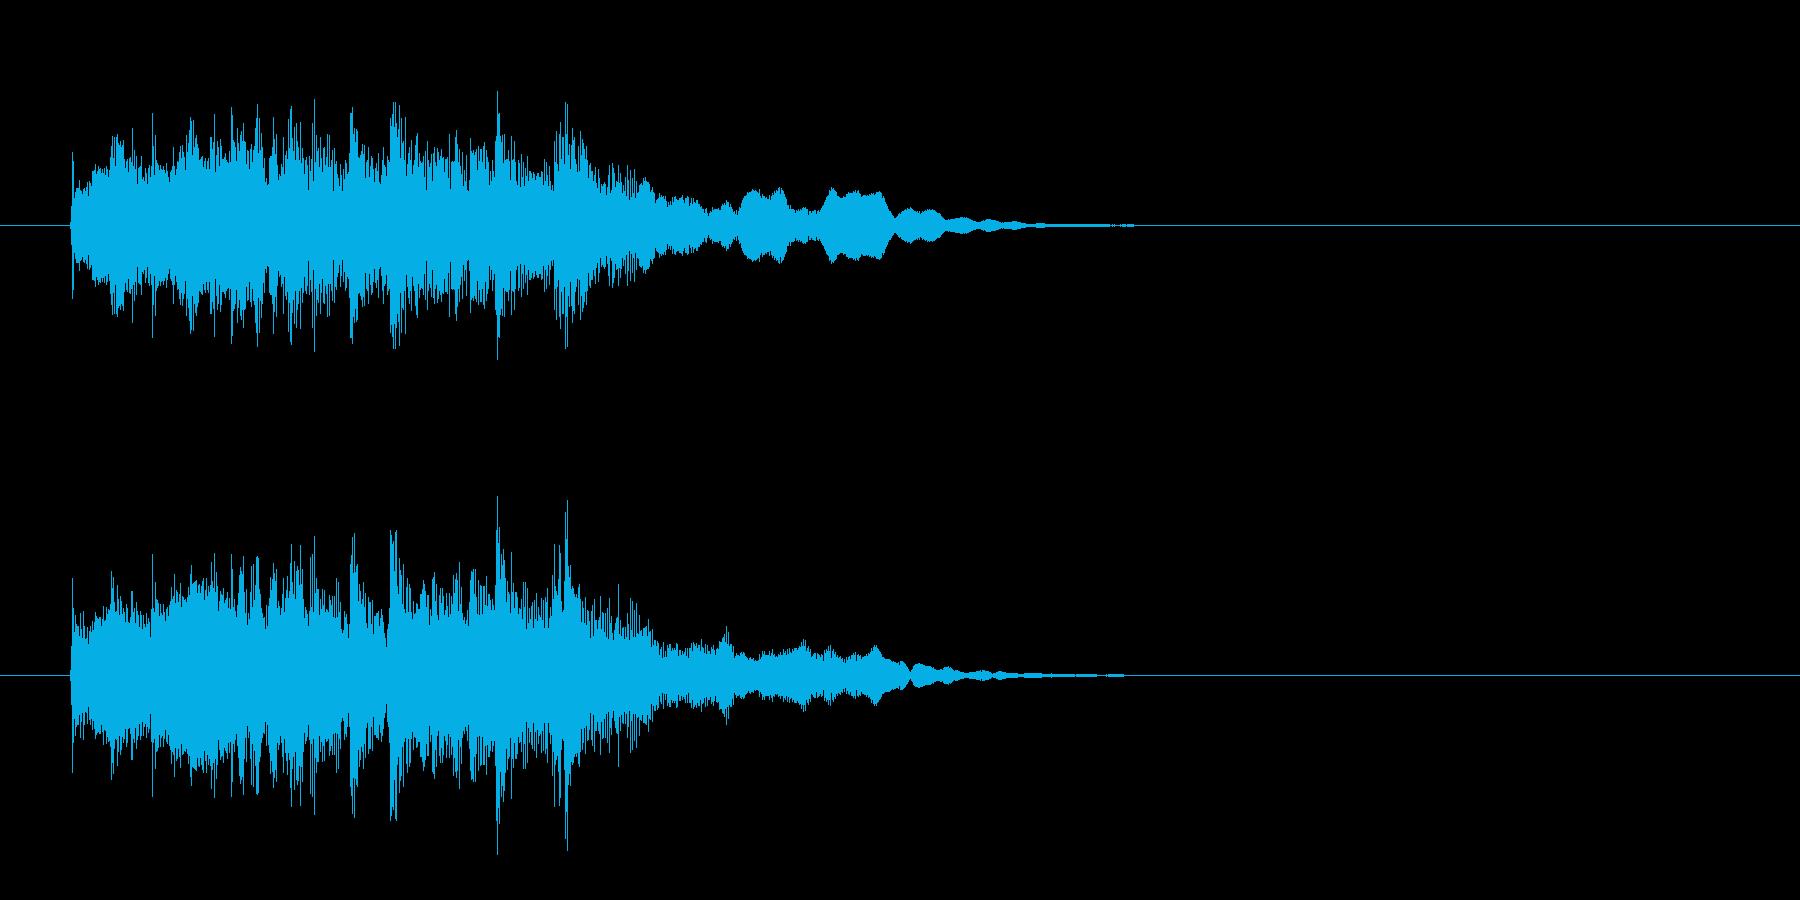 アコースティック・アルペジオのジングルの再生済みの波形